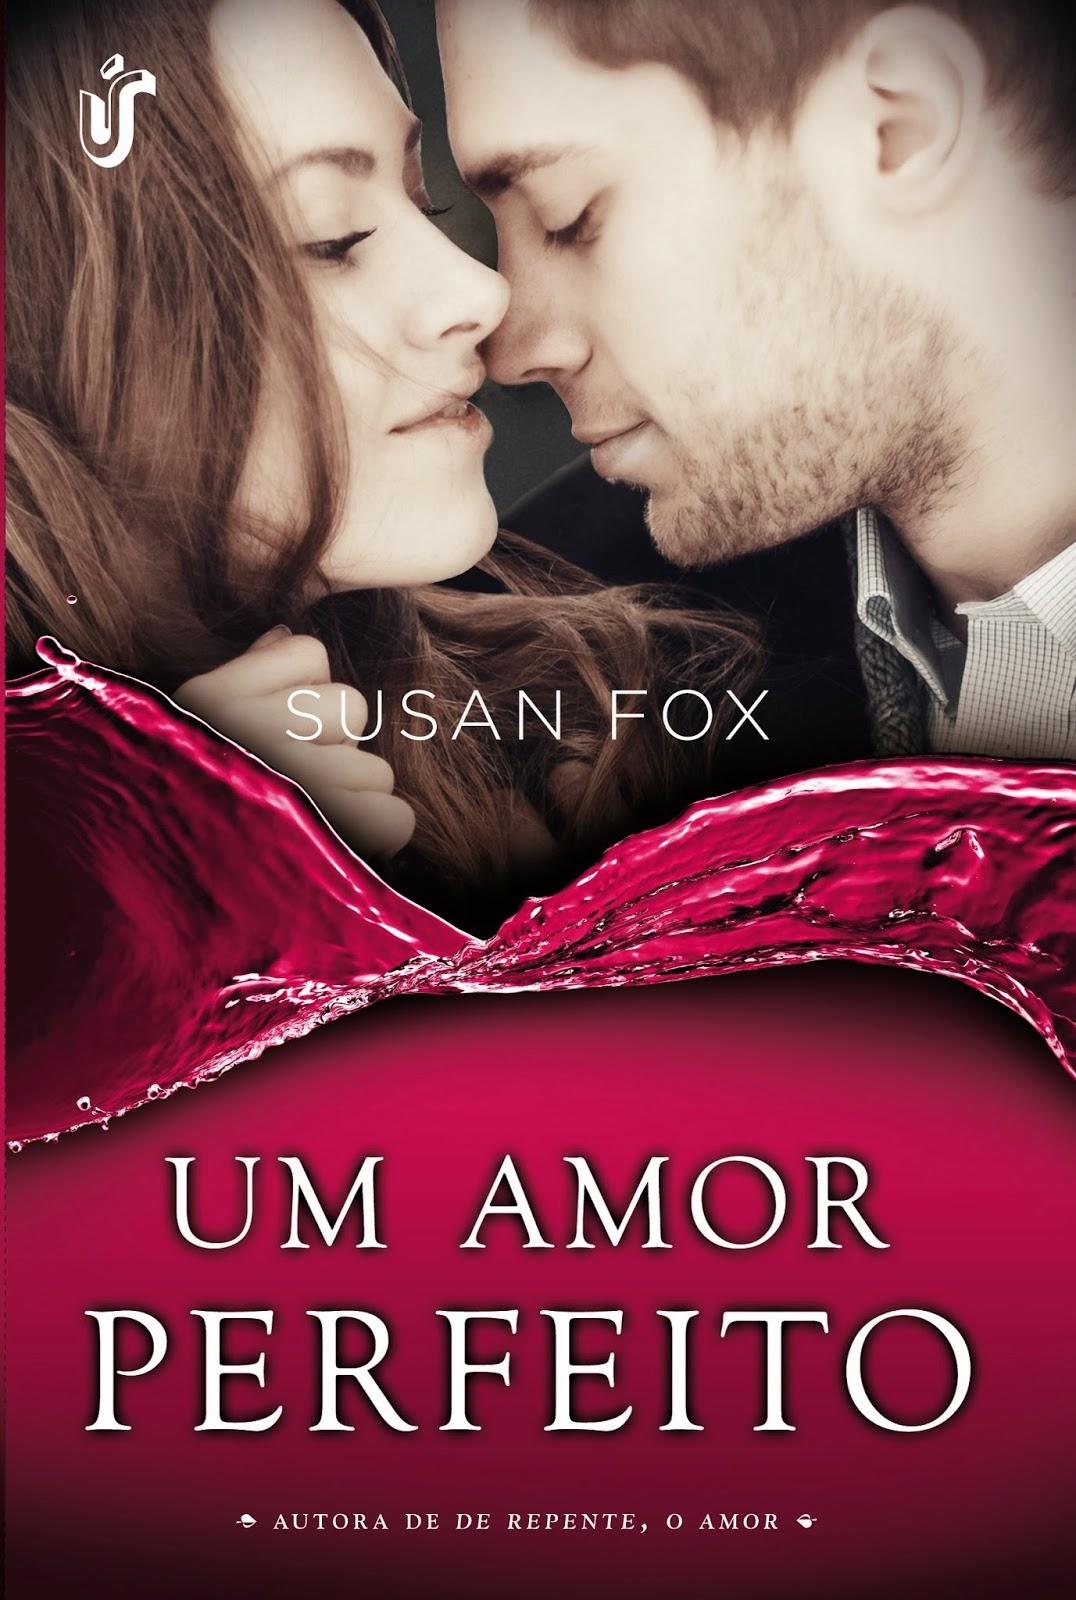 http://www.editoragente.com.br/livro/289/um-amor-perfeito